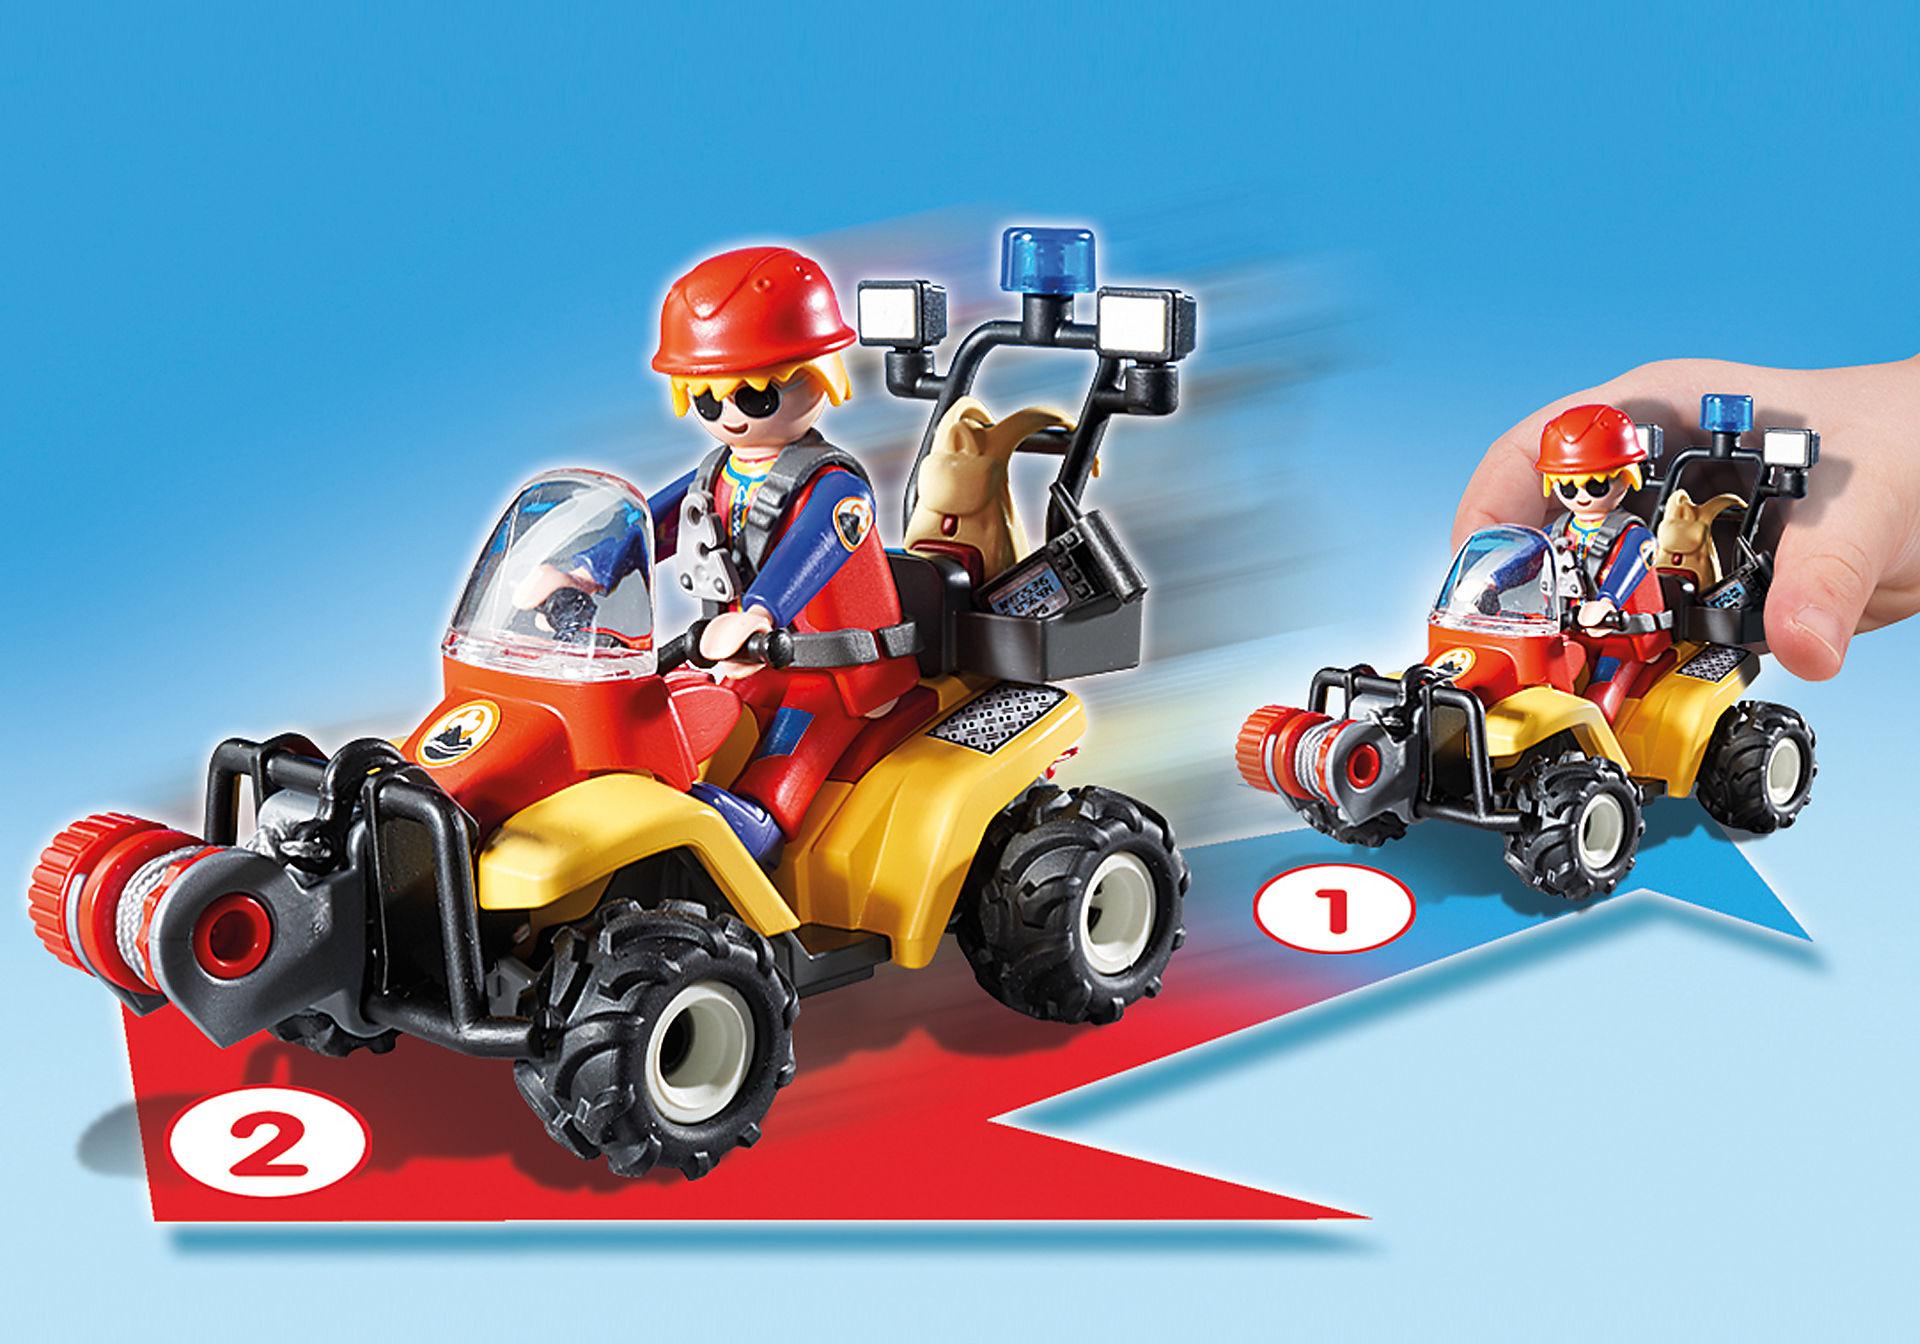 http://media.playmobil.com/i/playmobil/9130_product_extra1/Quad ratownictwa górskiego